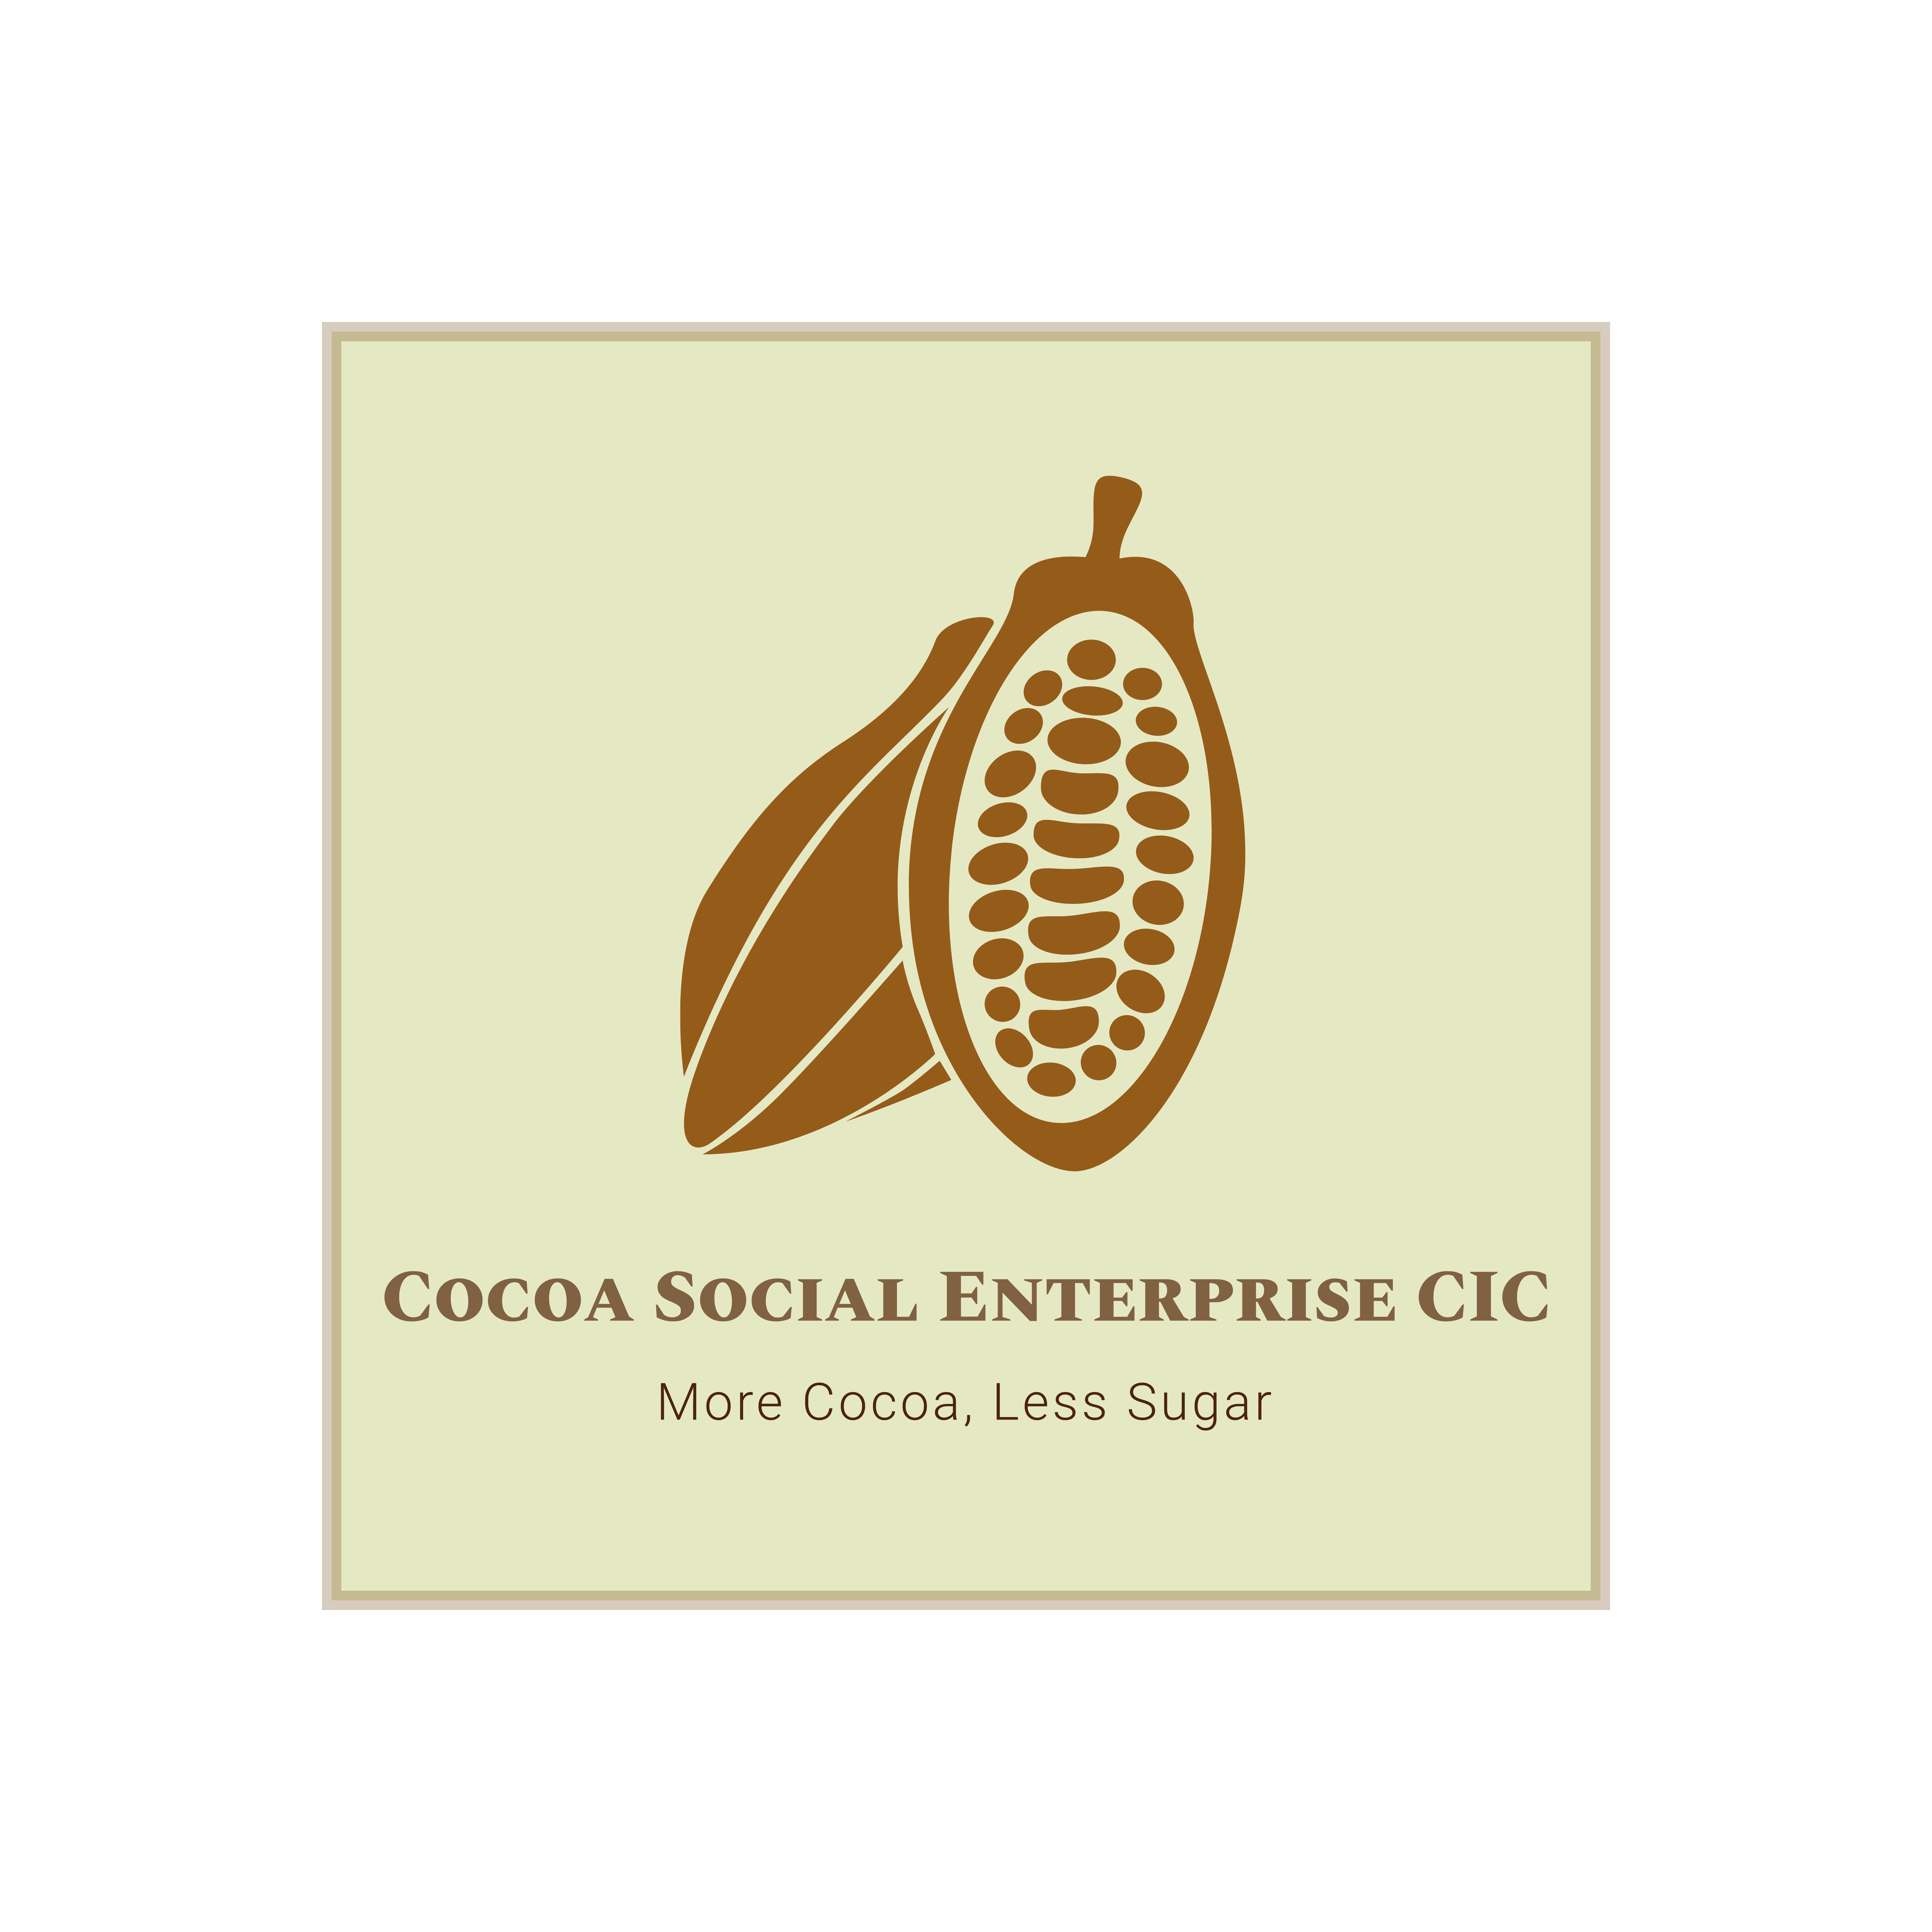 Cocoa Social Enterprise CIC